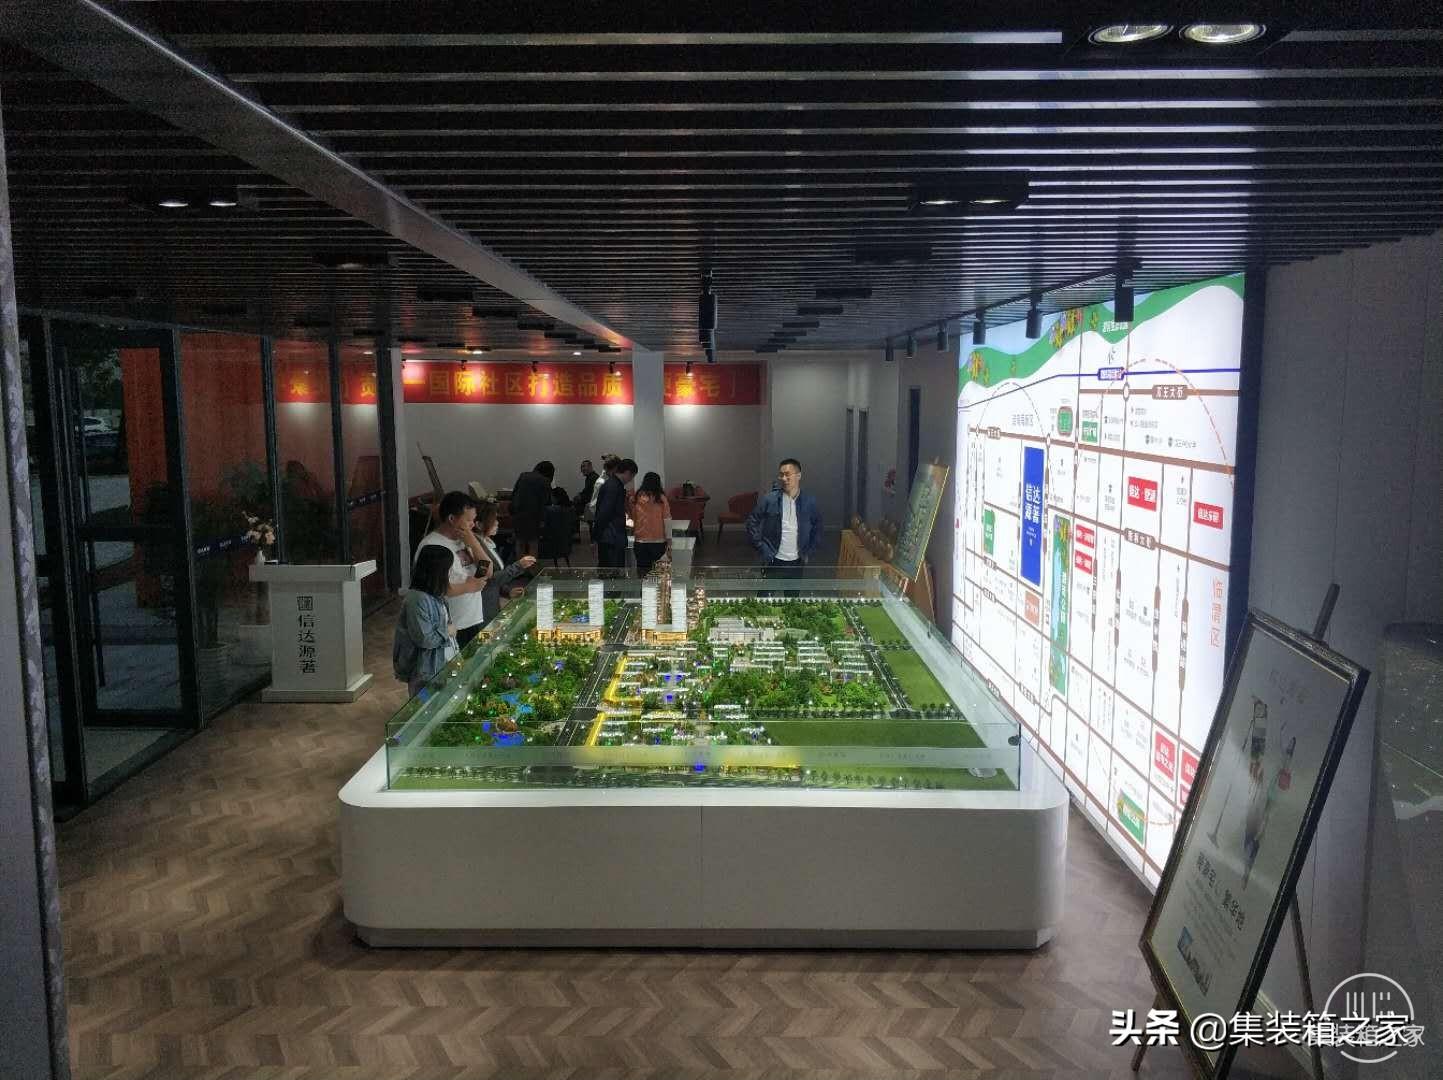 陕西渭南信达源著集装箱售楼部竣工照片-5.jpg